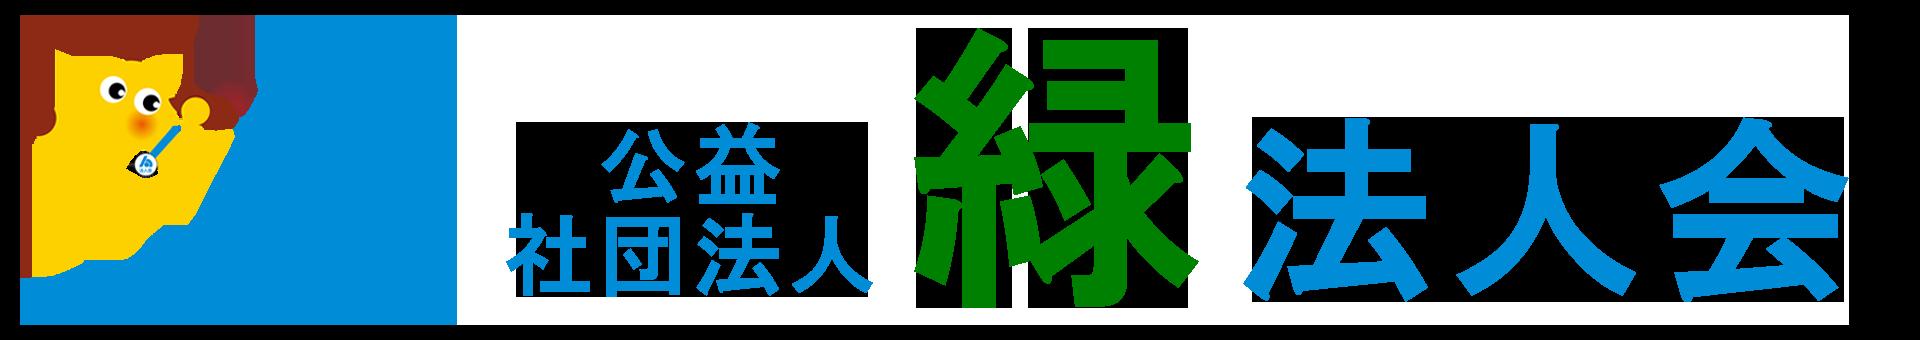 公益社団法人 緑法人会